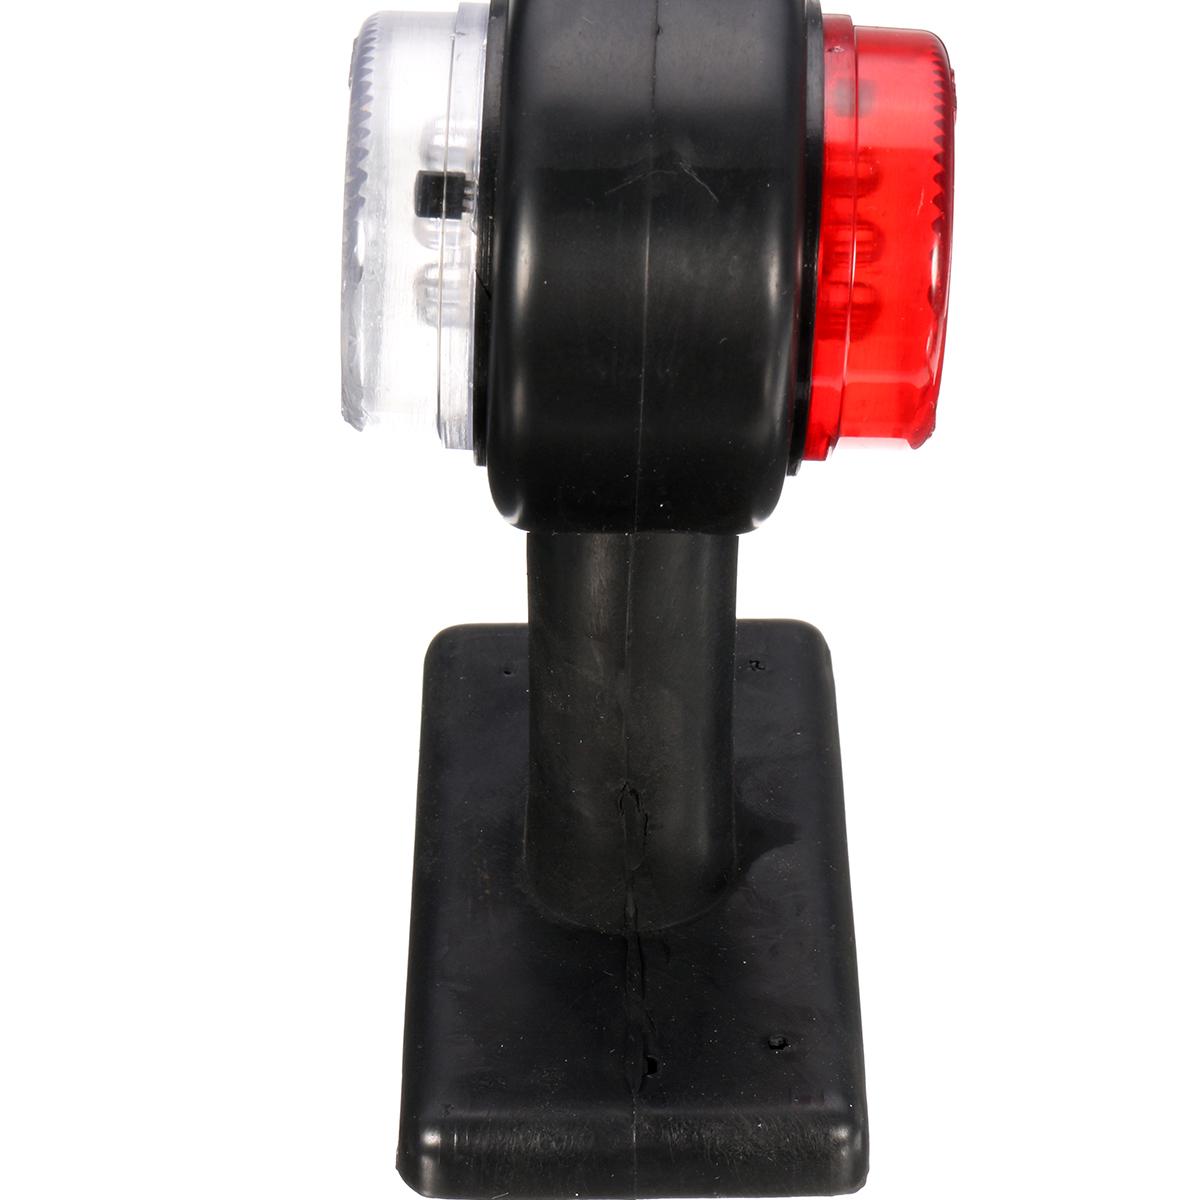 Pair LED Double Side Marker Clearance Lights Lamp Red White for 12V 24V Truck Trailer Caravan